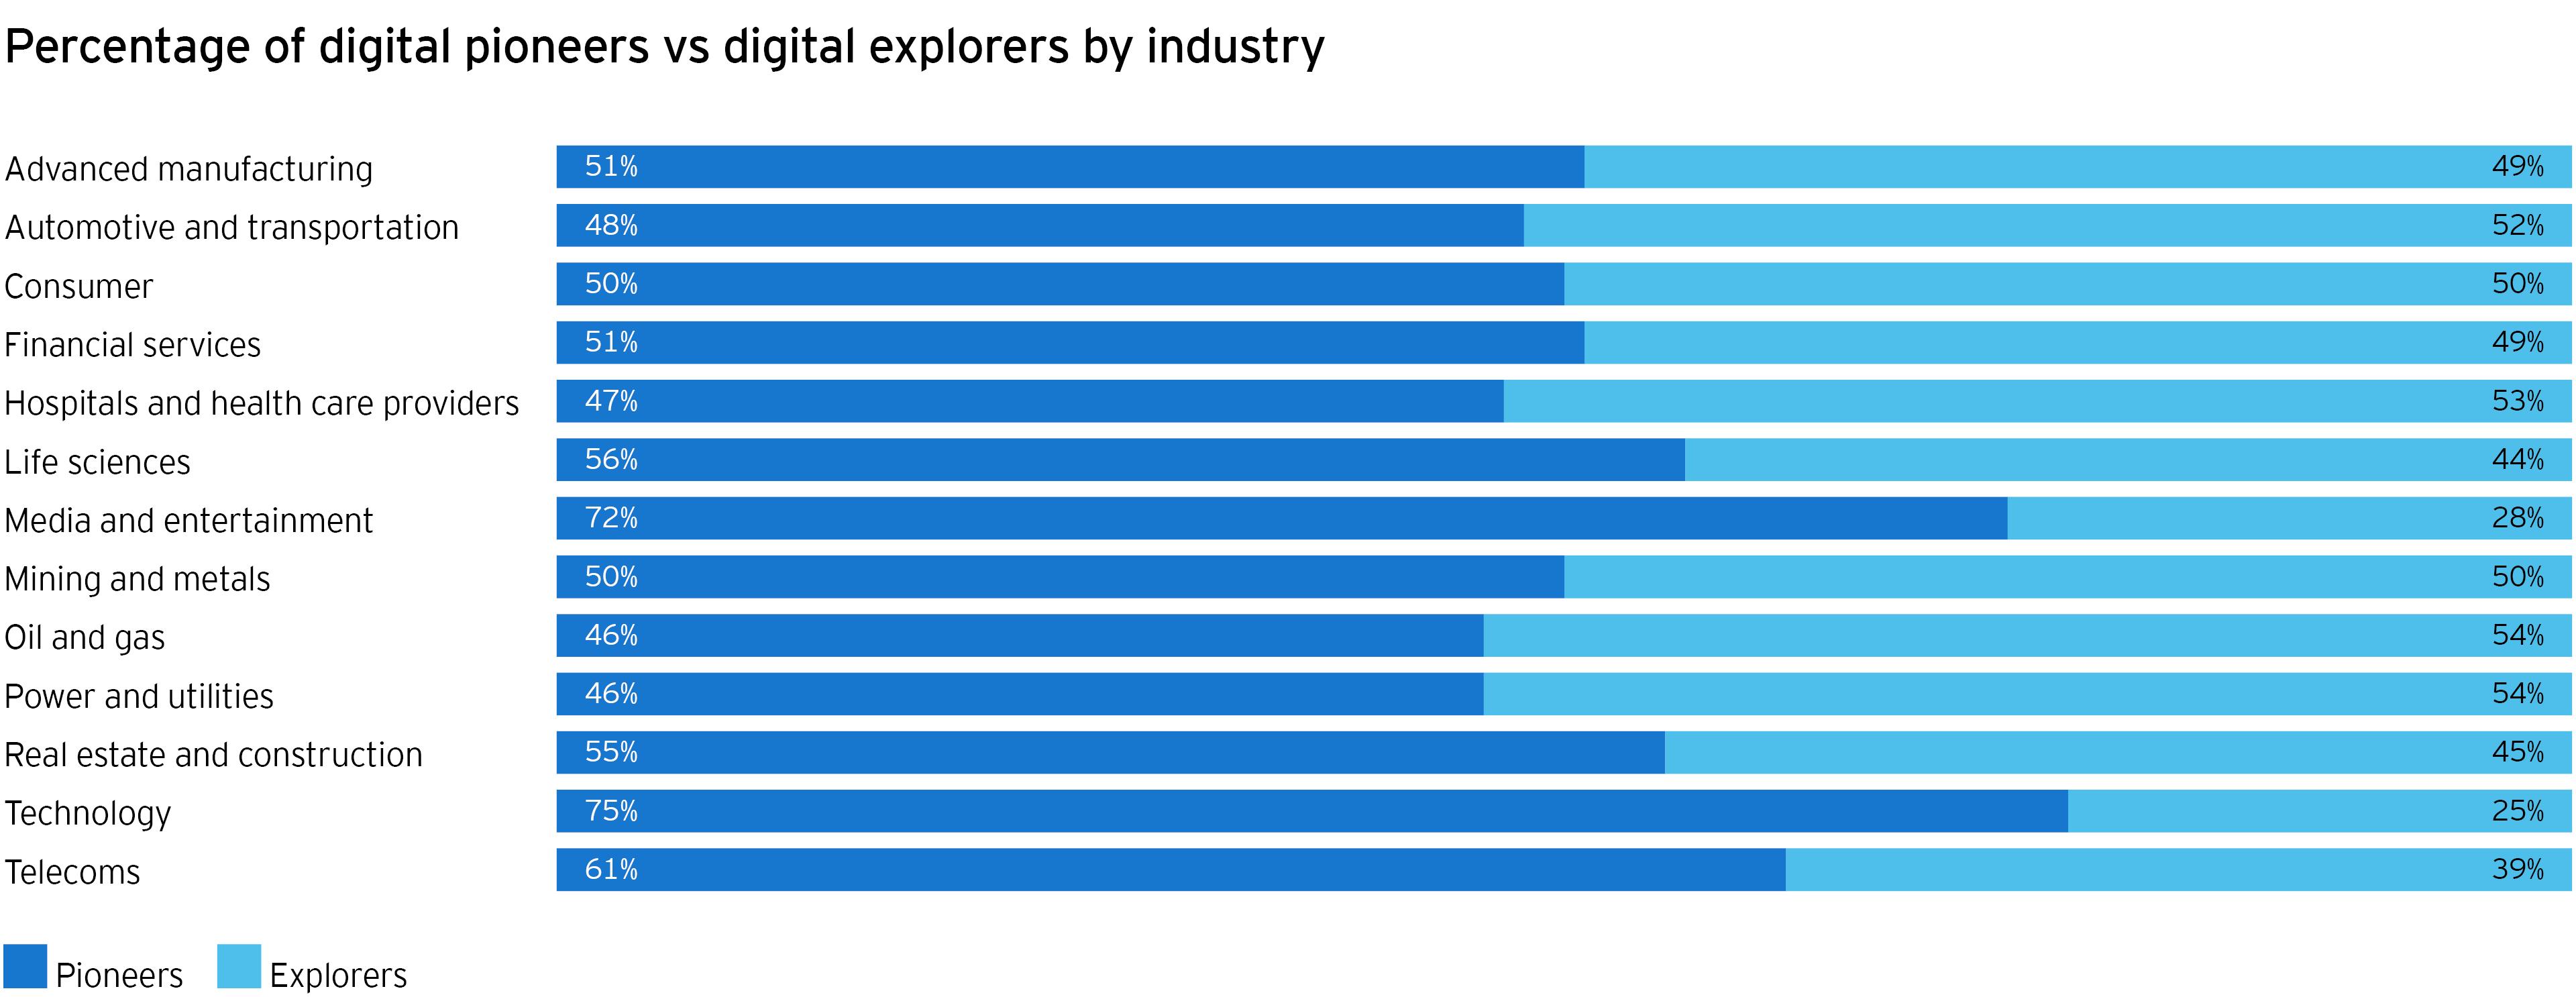 Percentage of digital pioneers vs digital explorers bu industry